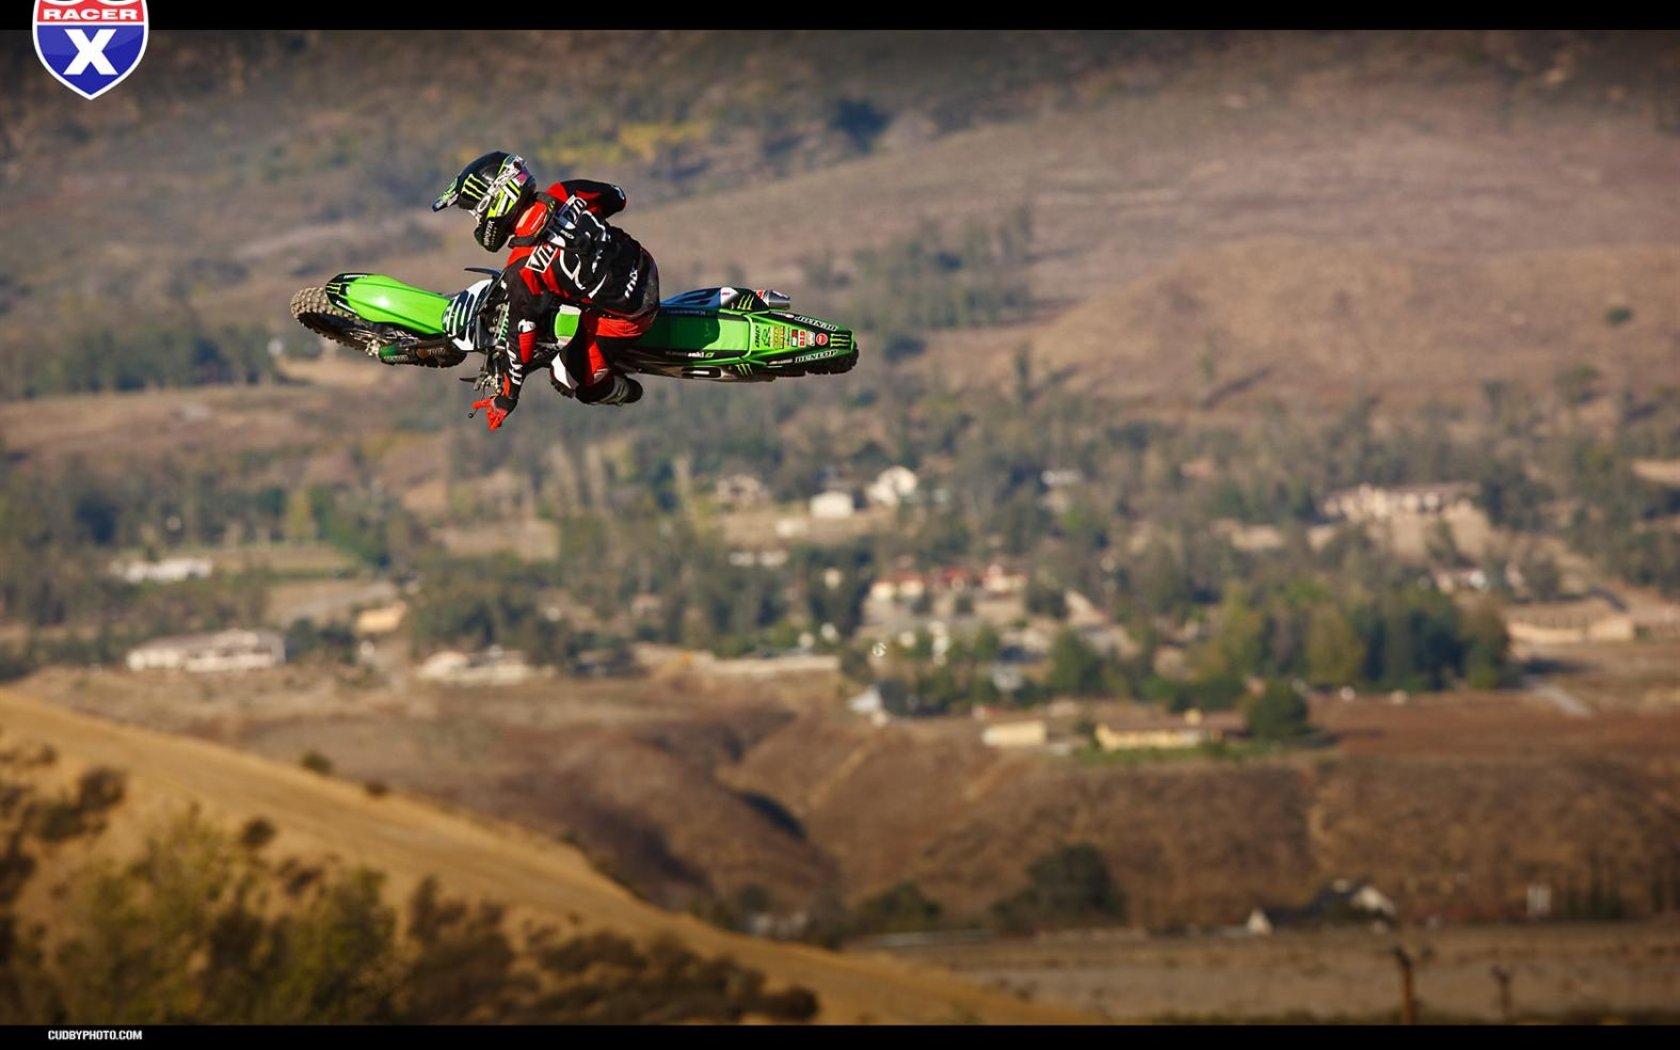 Ryan Villopoto 2010 Wallpapers Racer X Online